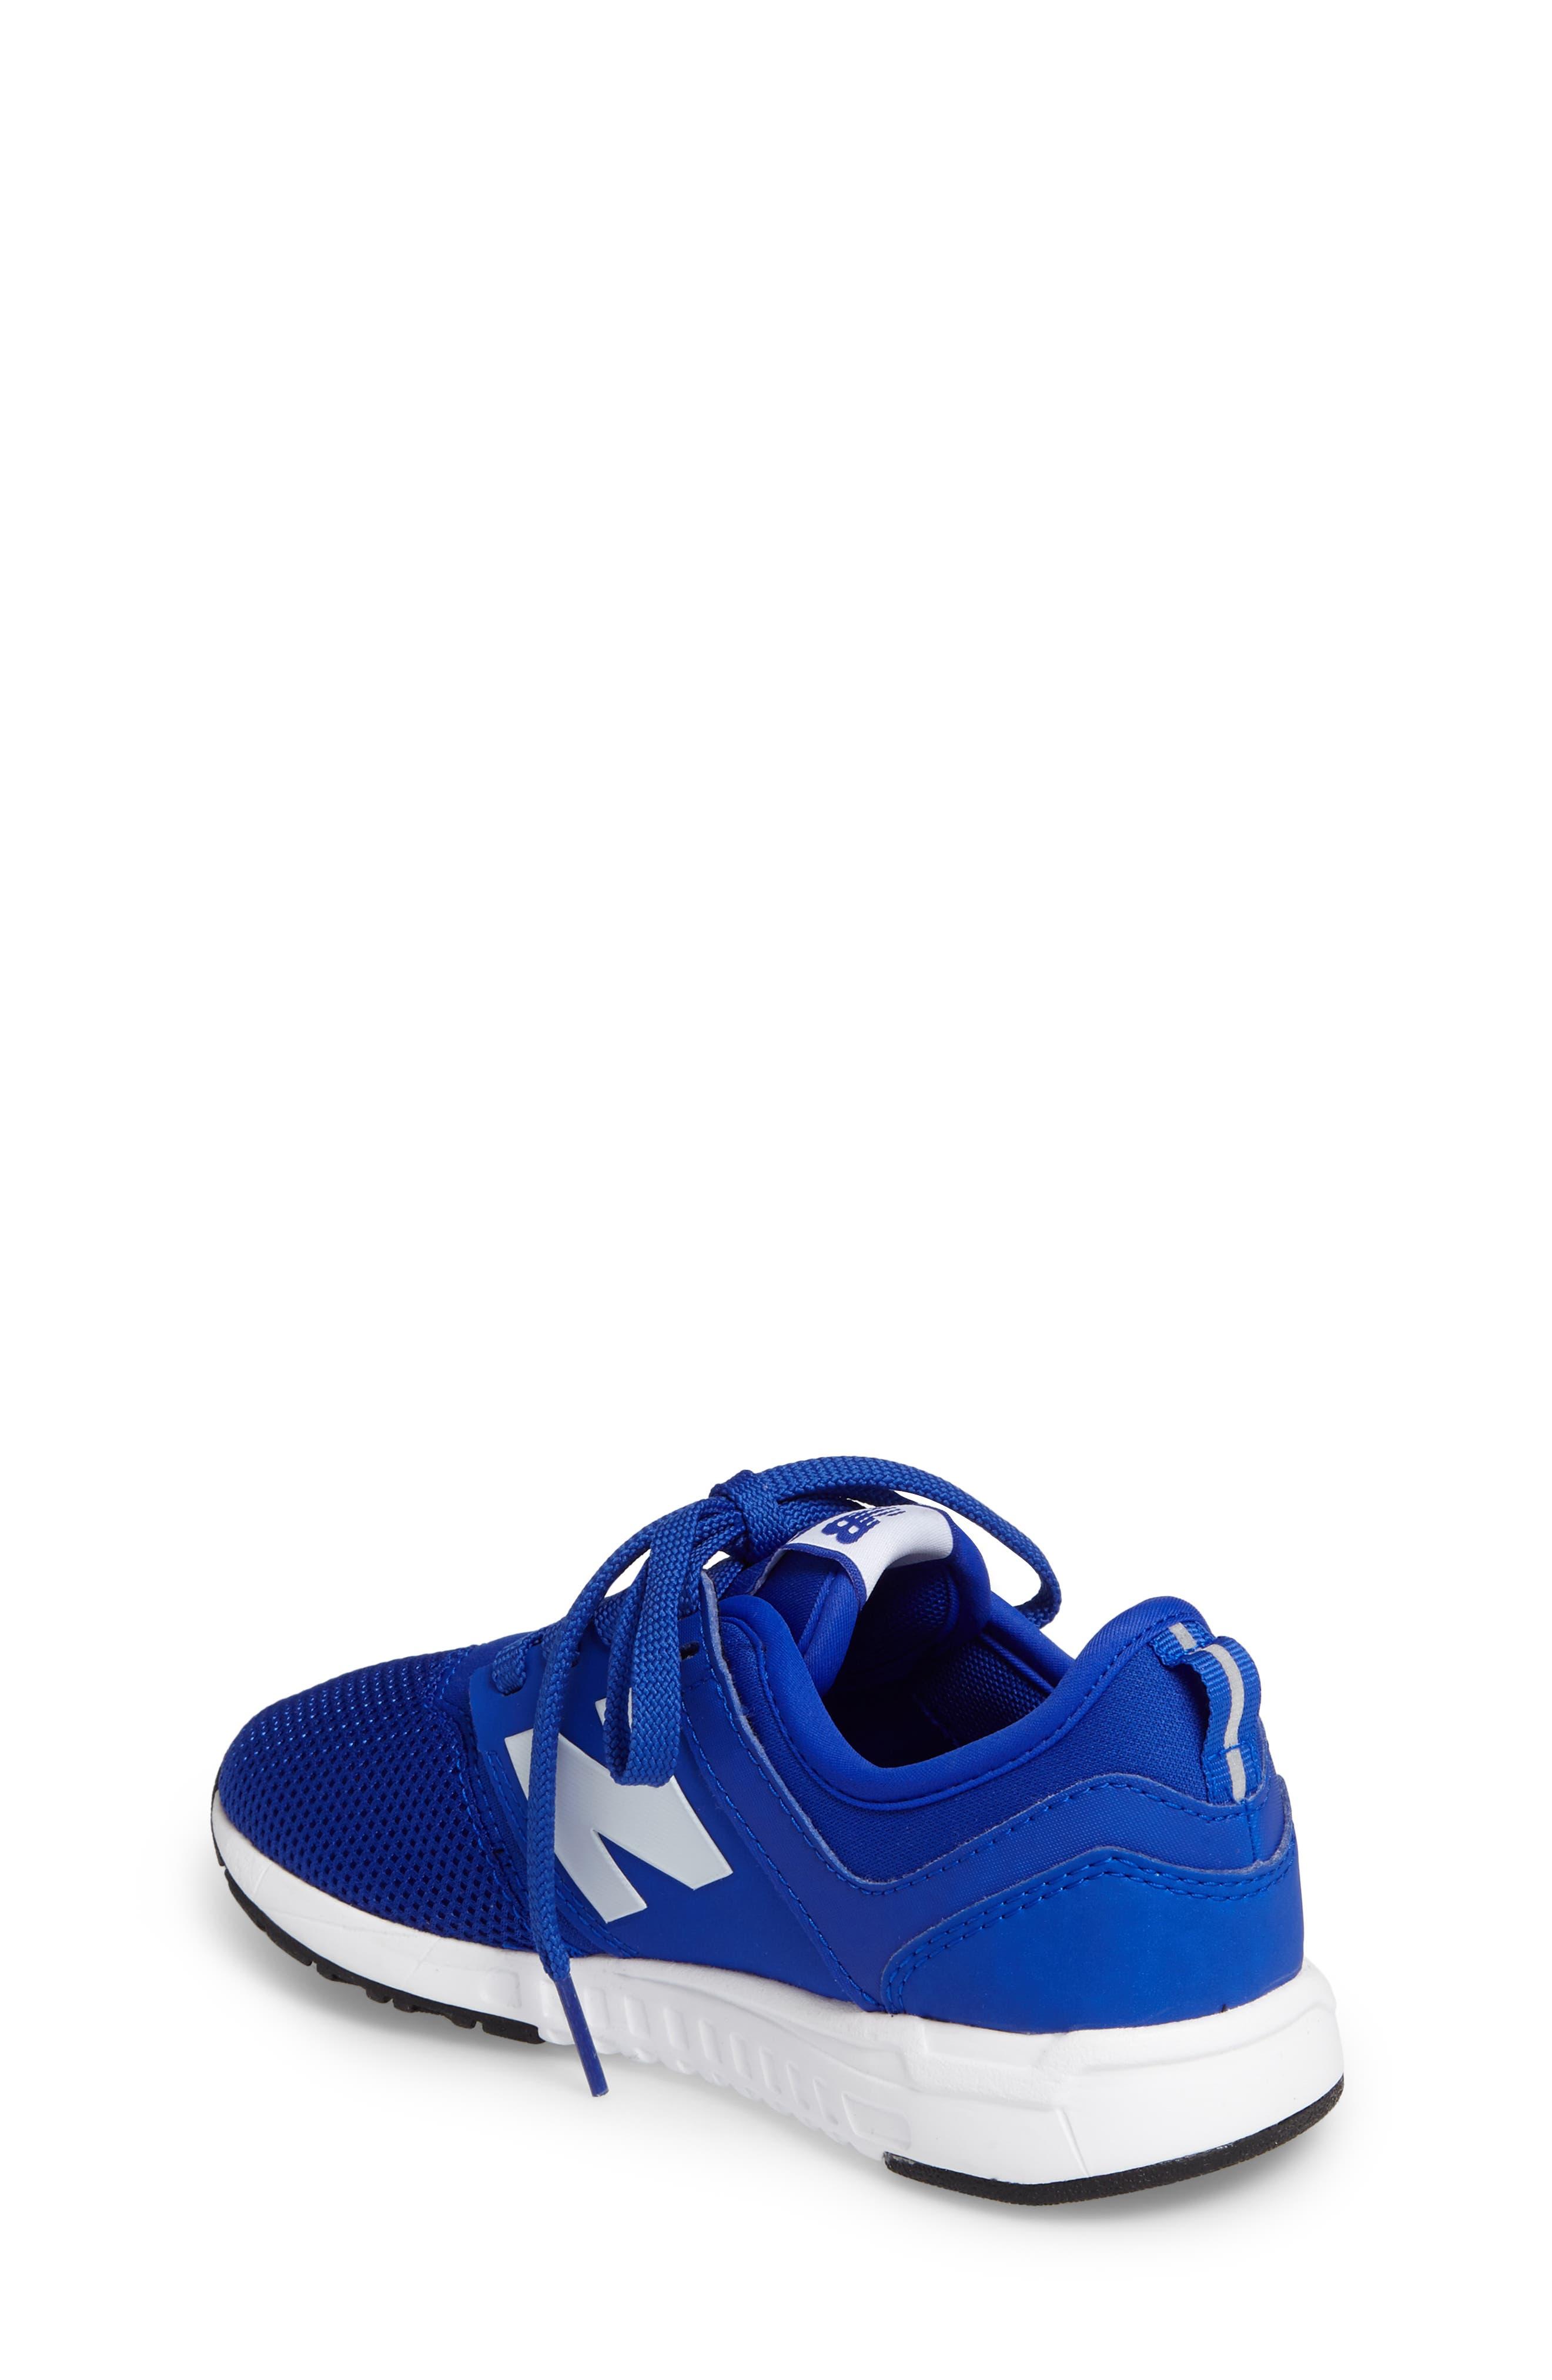 Alternate Image 2  - New Balance 247 Core Sneaker (Toddler & Little Kid)